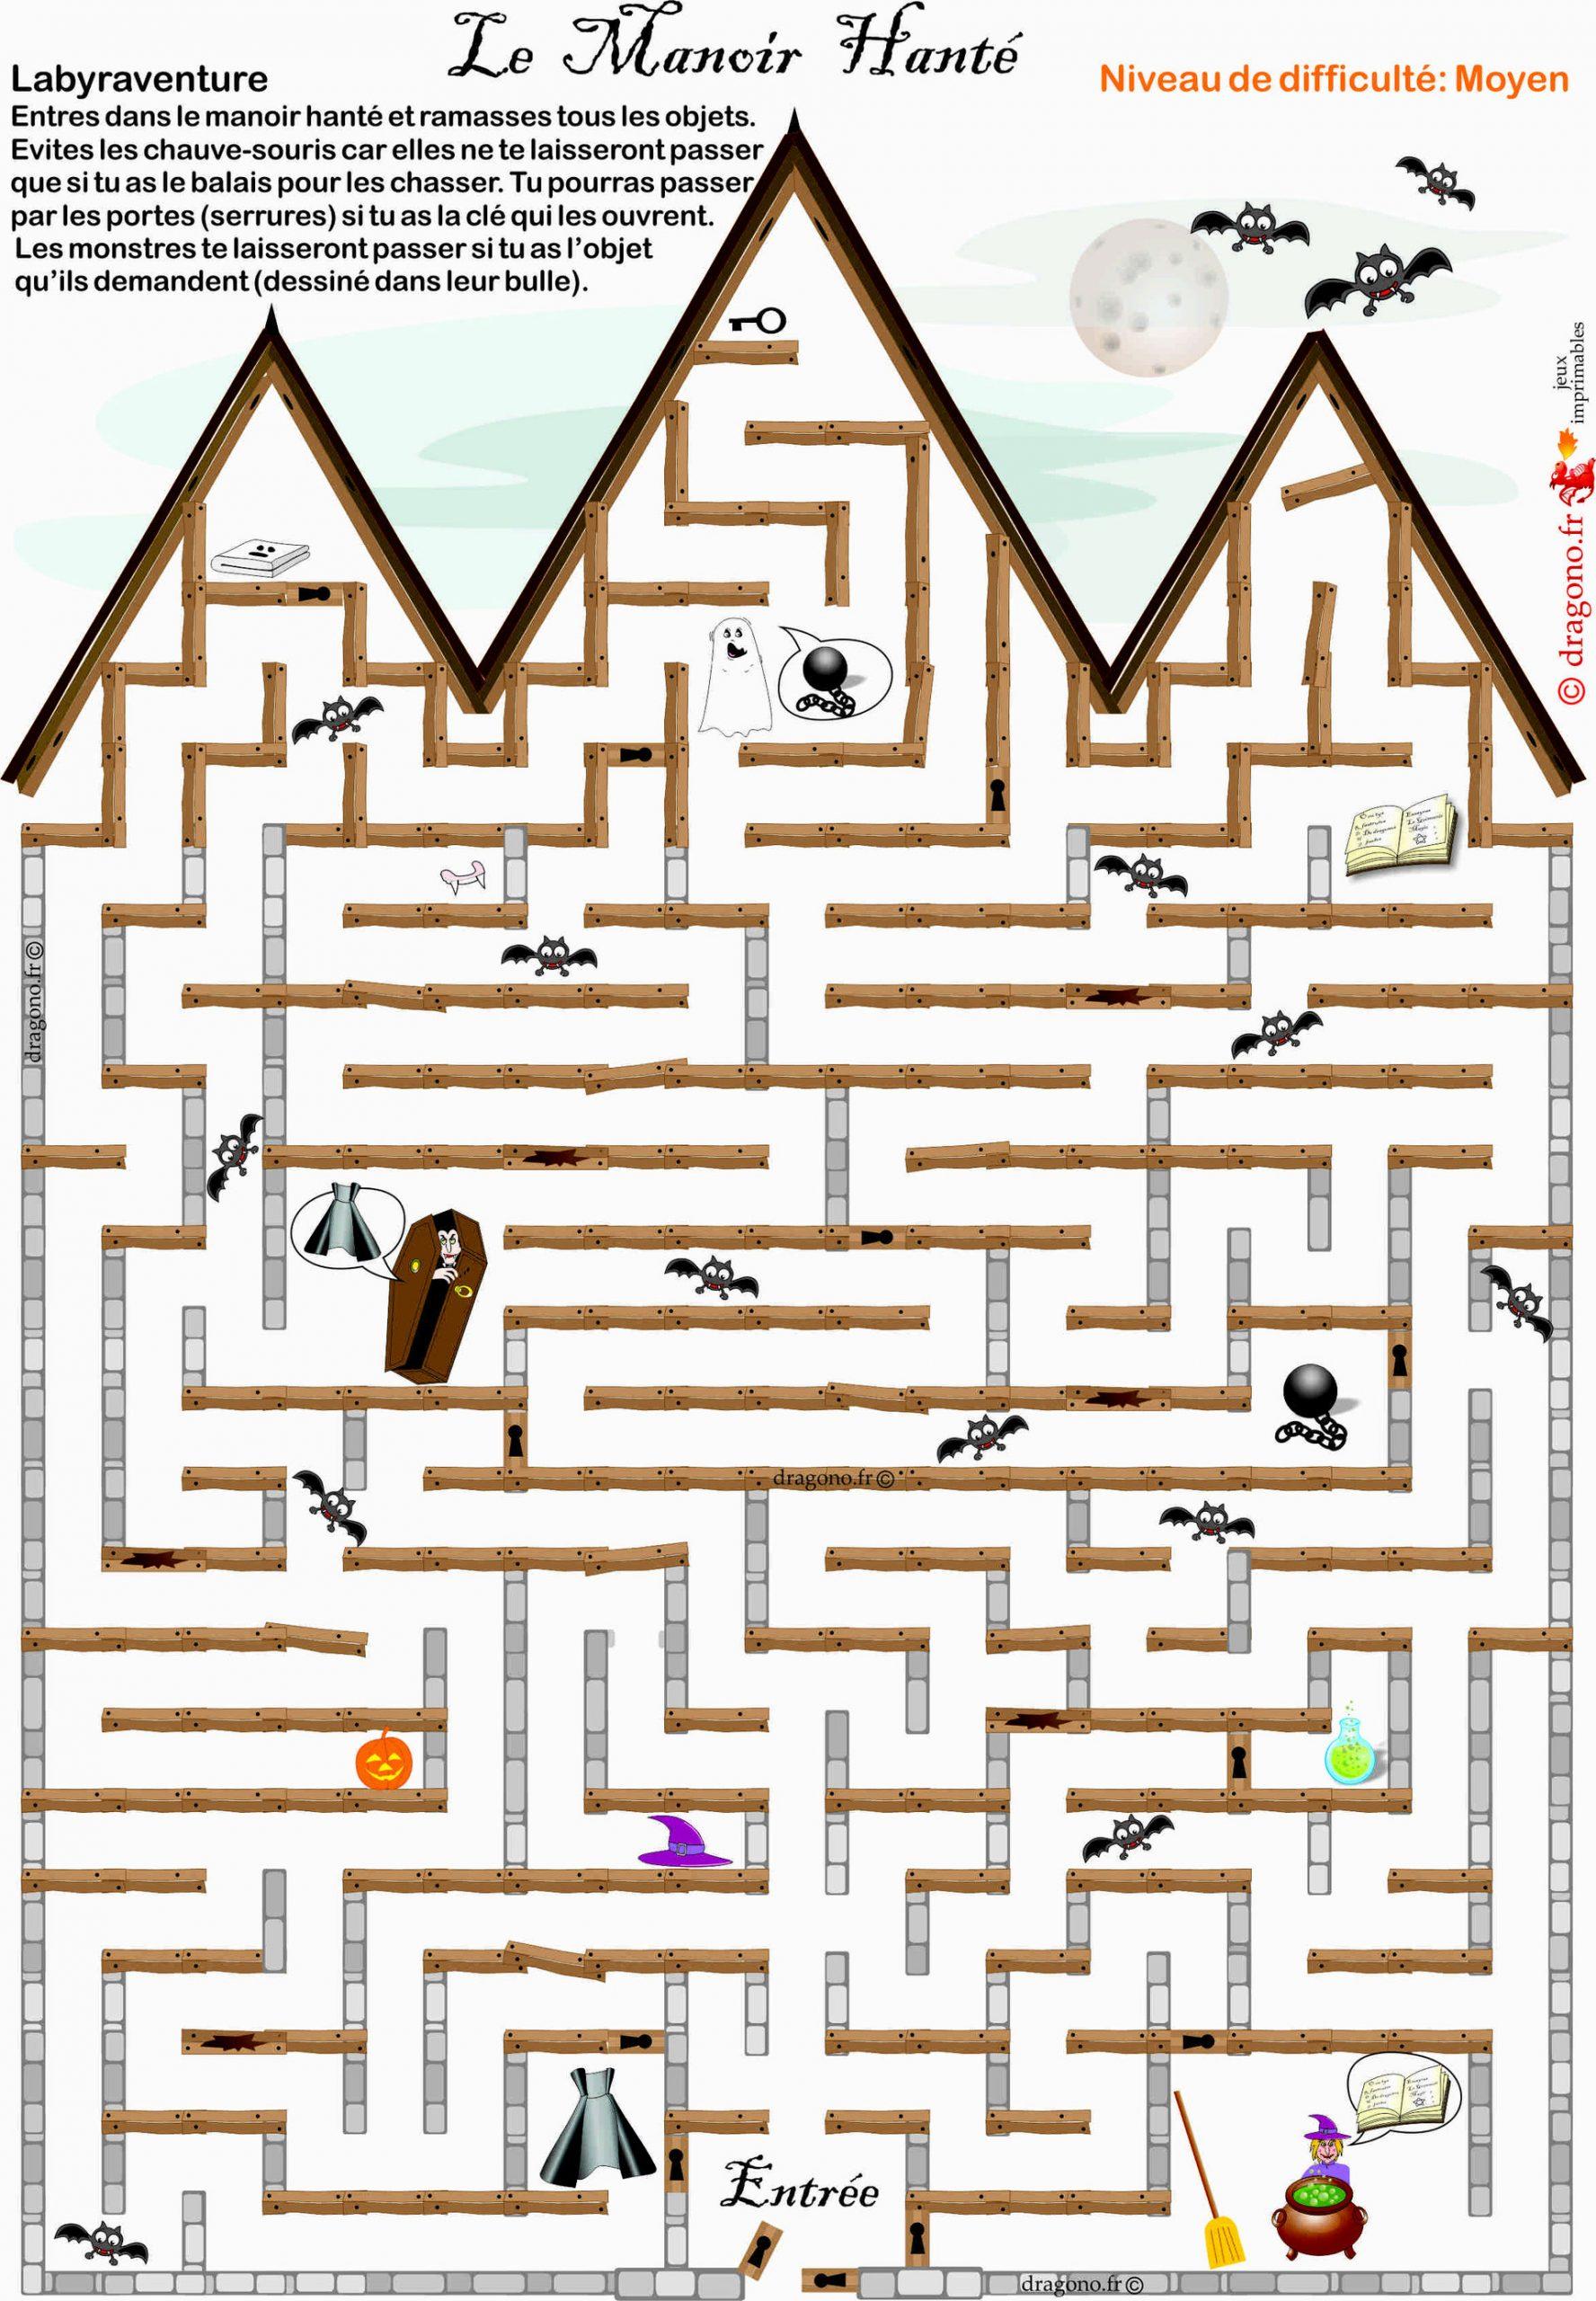 Labyrinthe À Imprimer Pour Halloween - Dragono.fr pour Labyrinthe A Imprimer